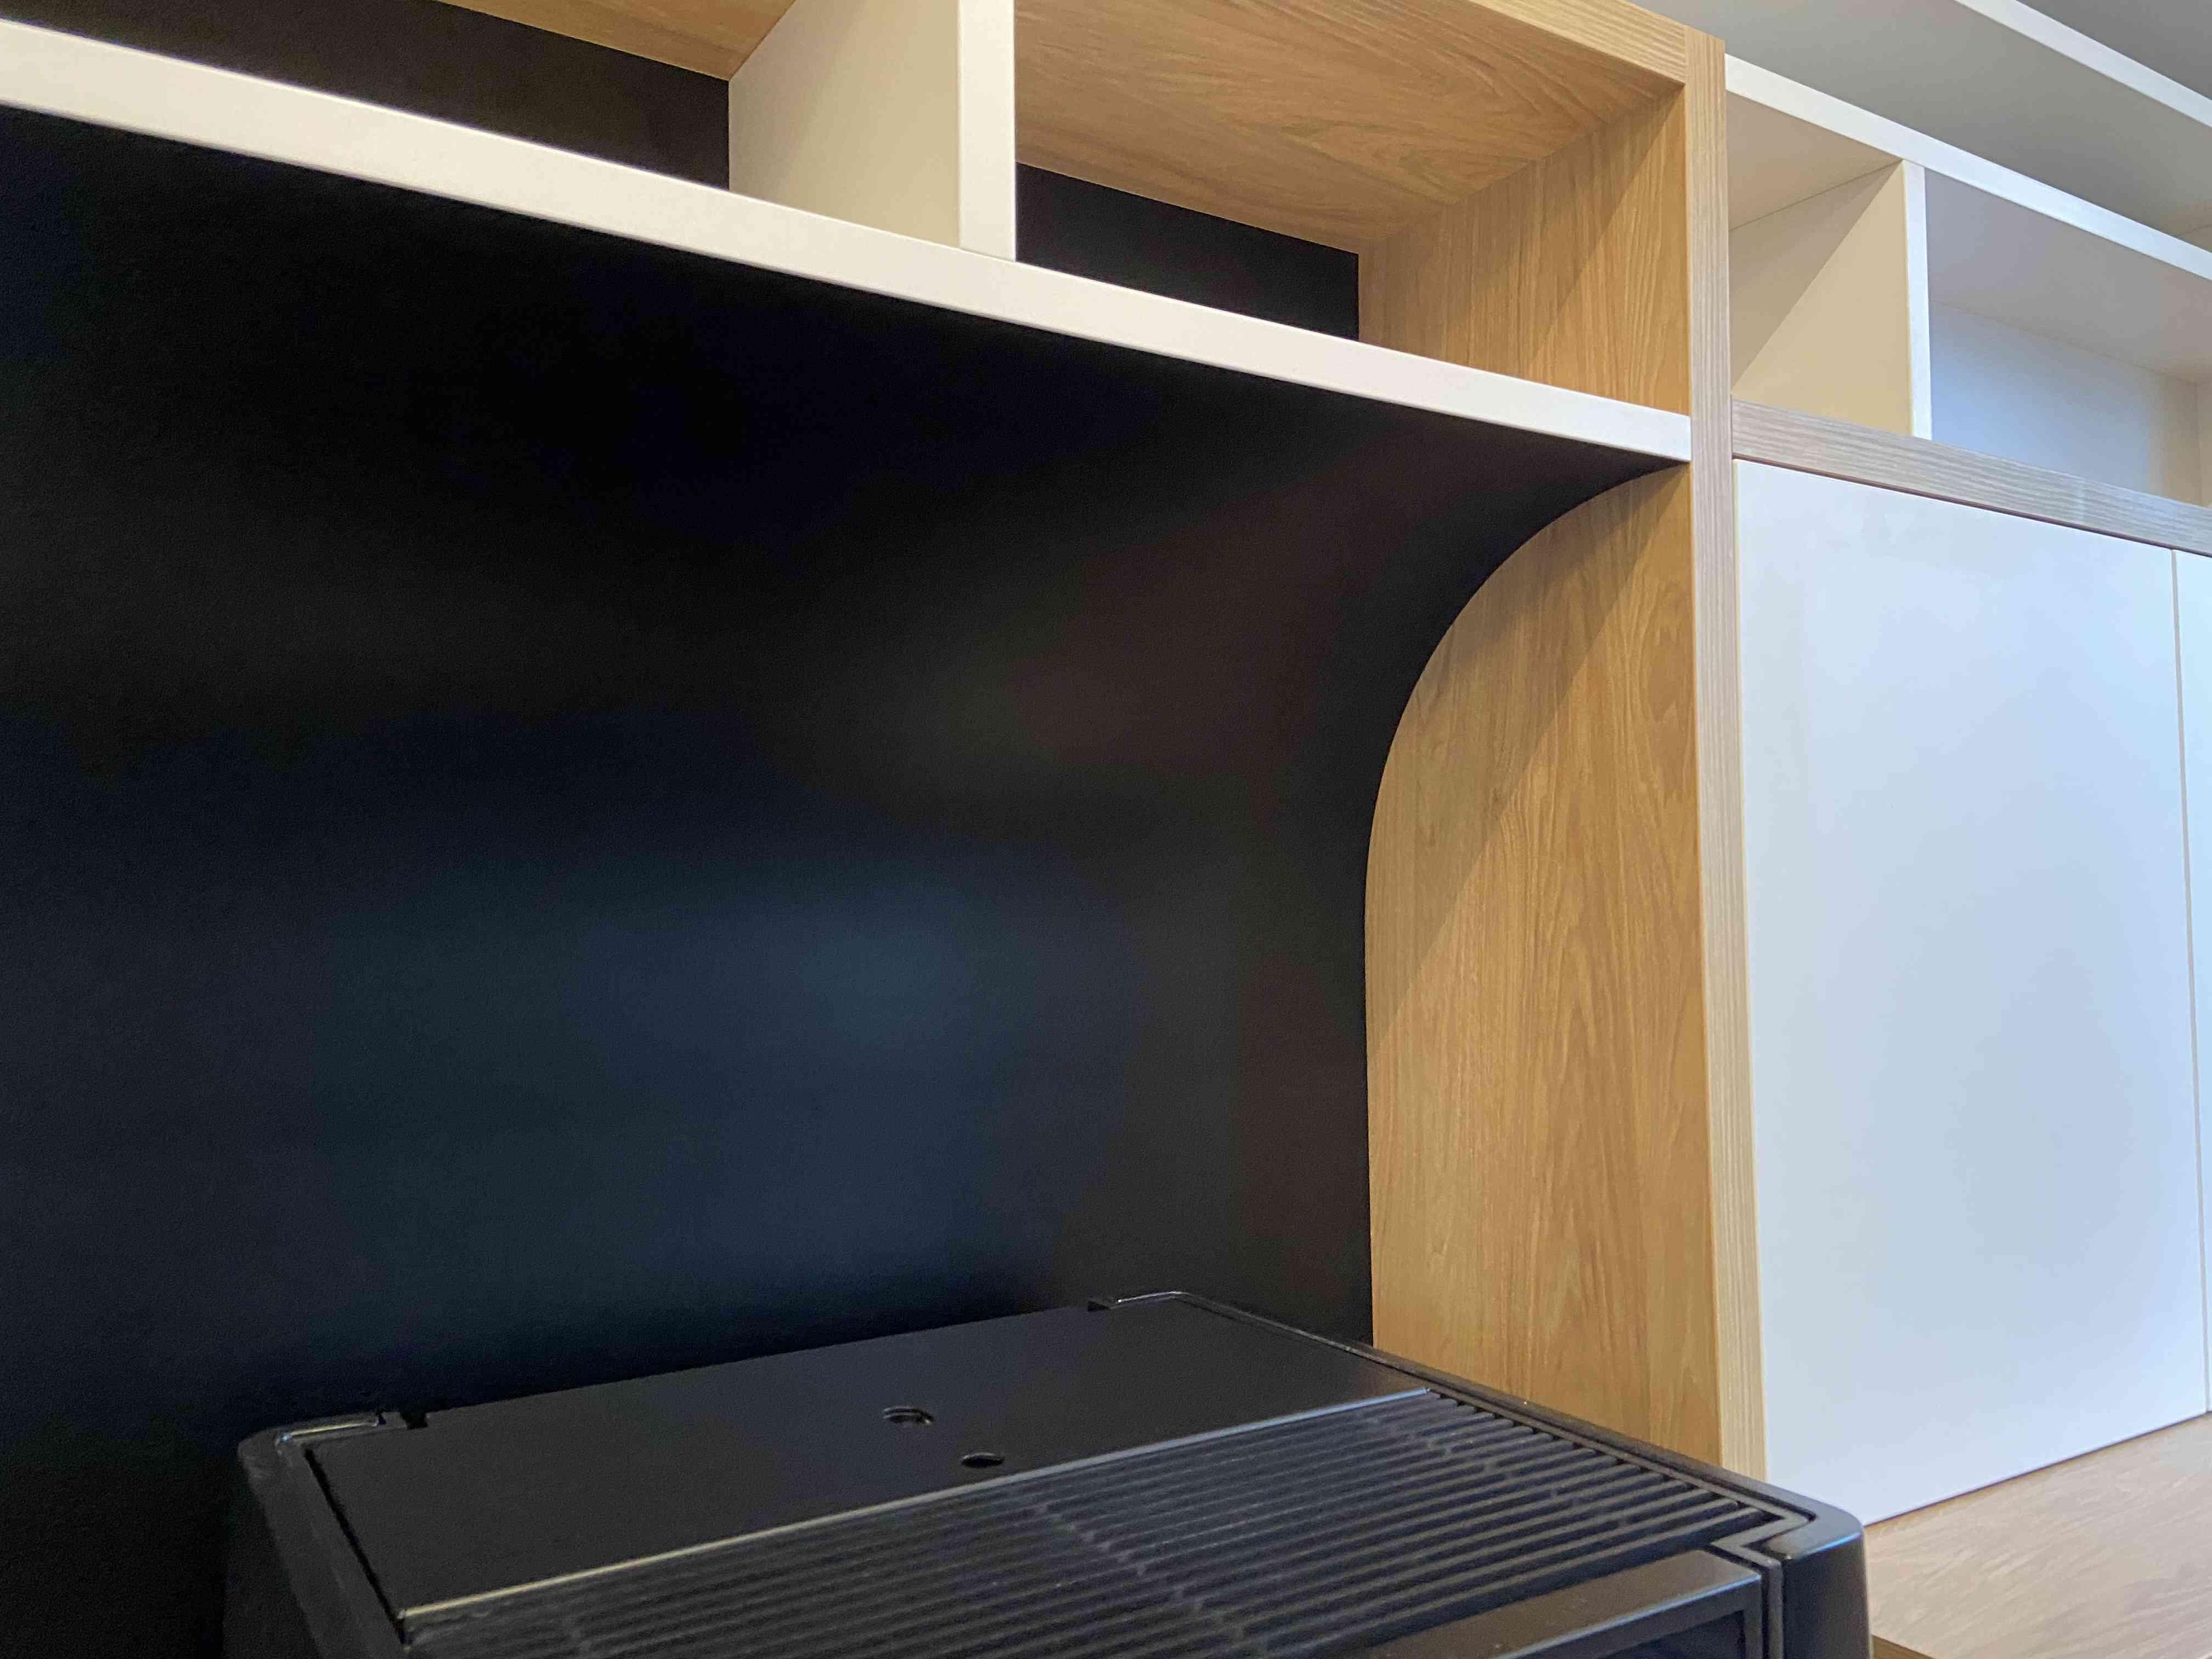 1 Bibliothèque sur mesure salon bois blanc noir 4 - Bibliothèque sur mesure salon bois blanc noir